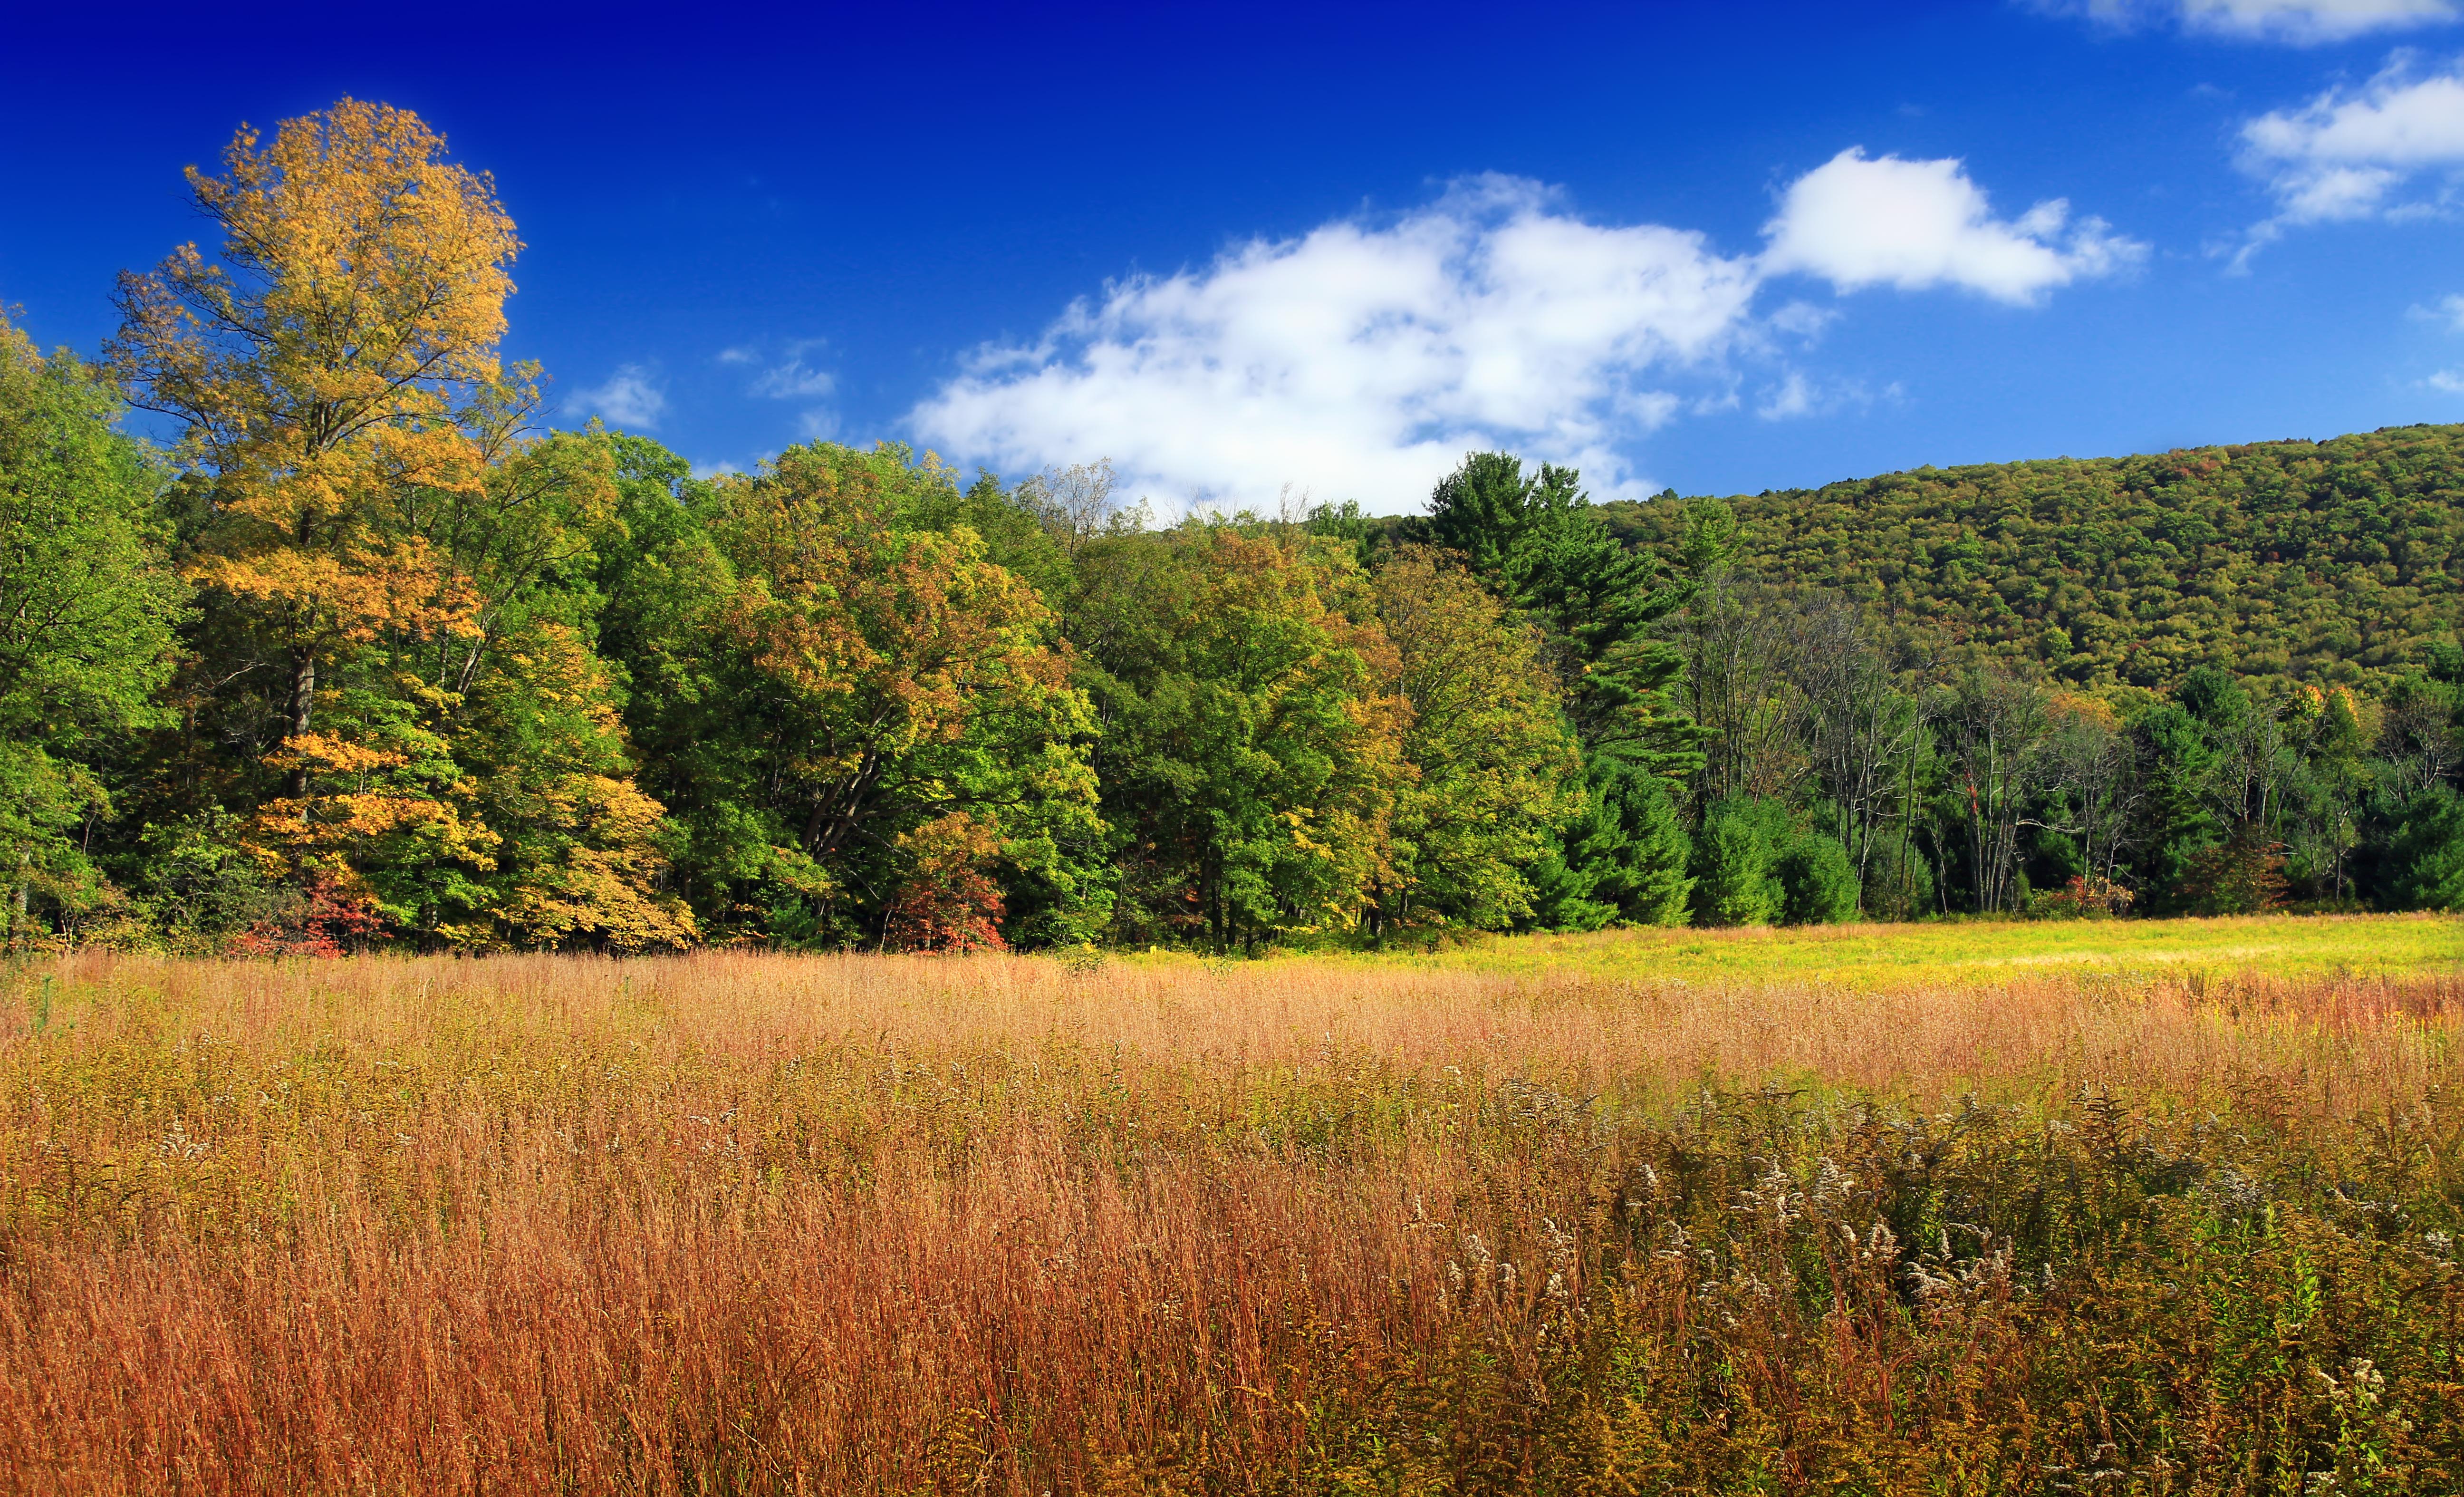 как картинки с лиственным лесом поляне этому случаю британская